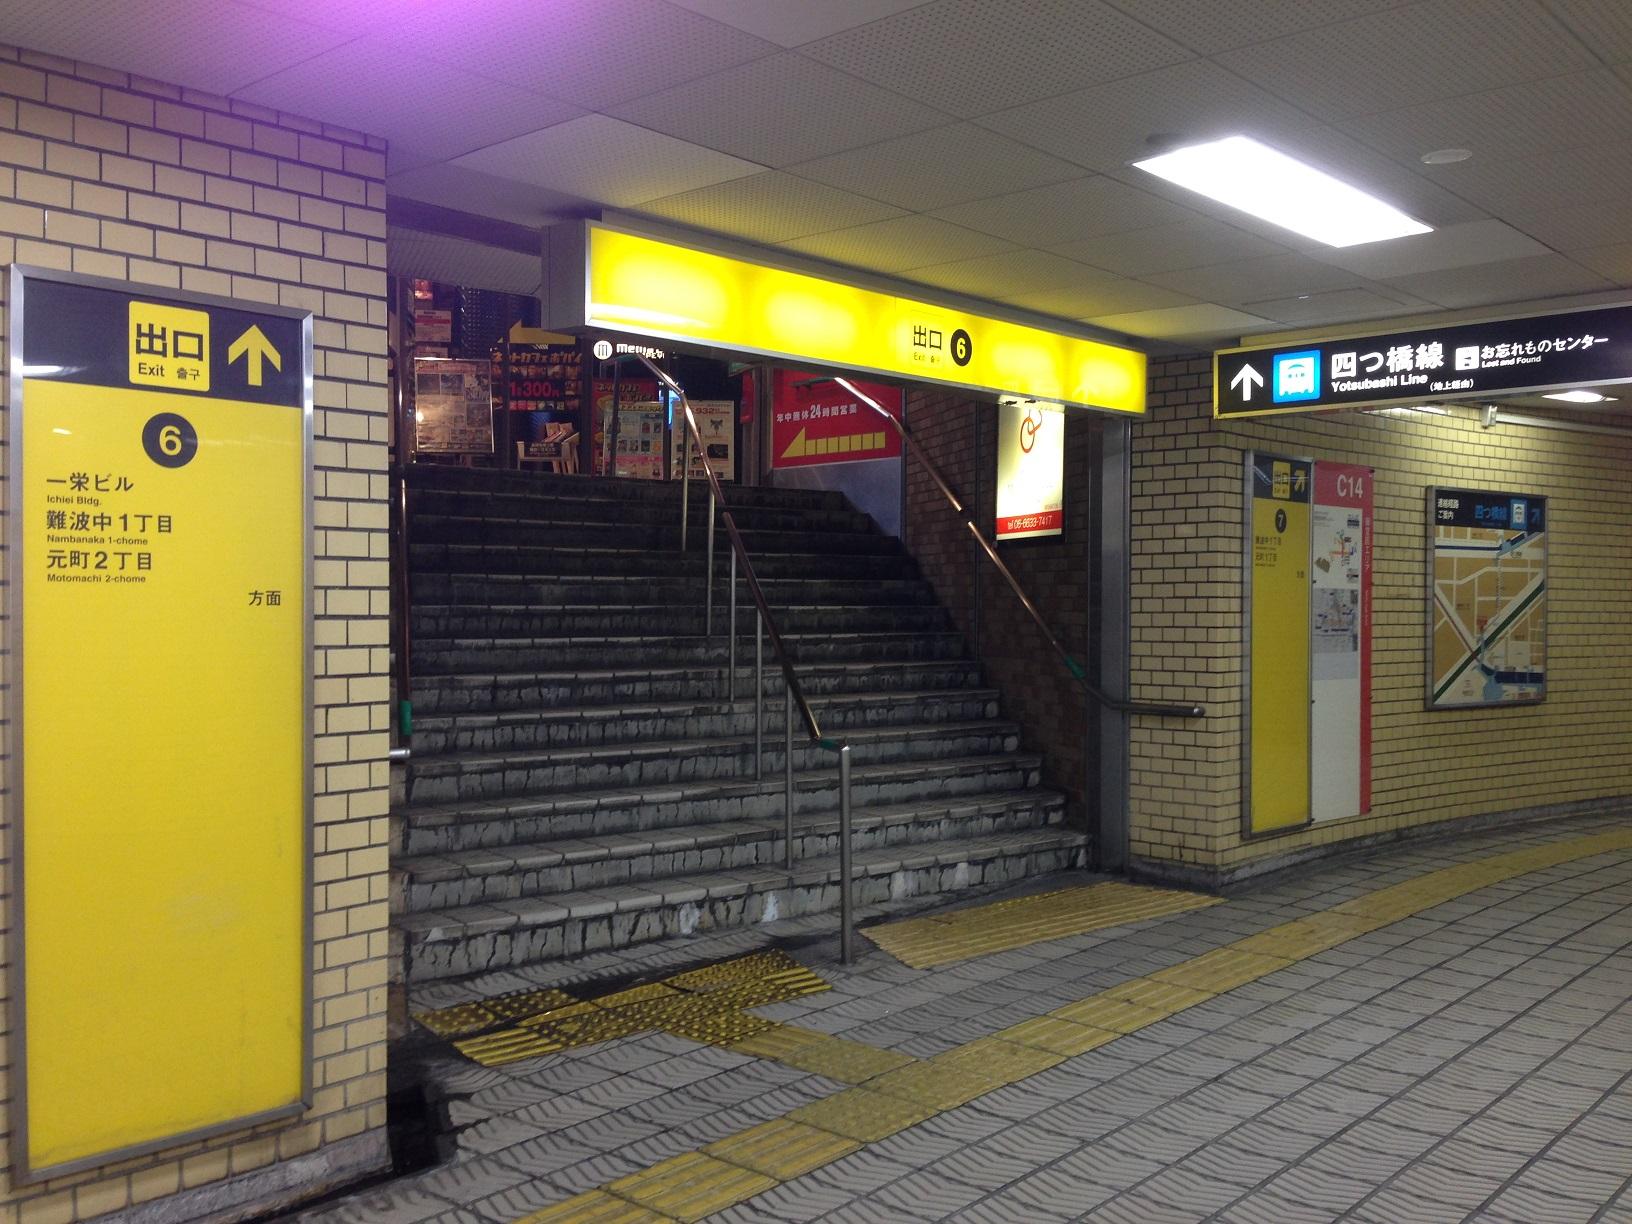 なんば地下鉄6番出口